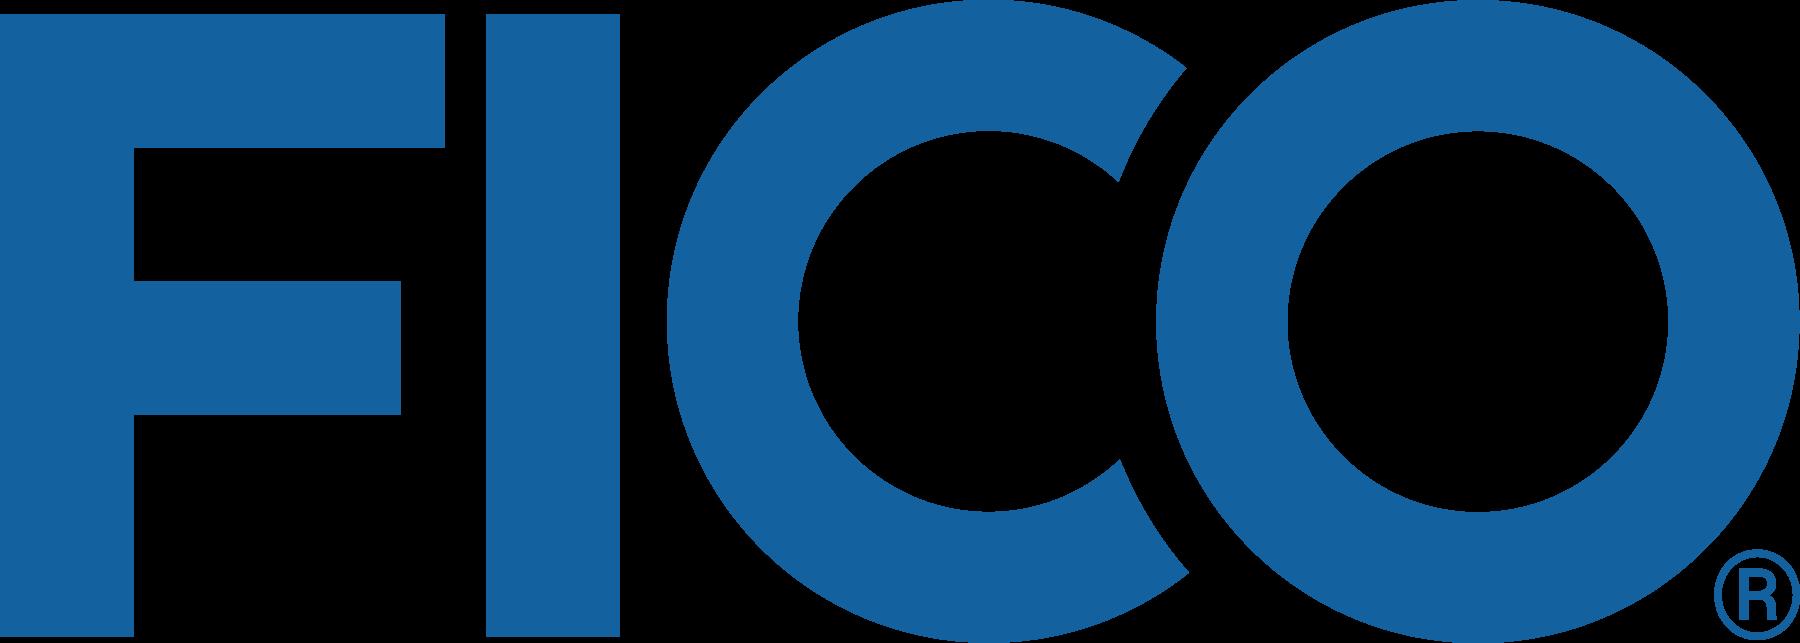 fico-logo-blue-large (1)